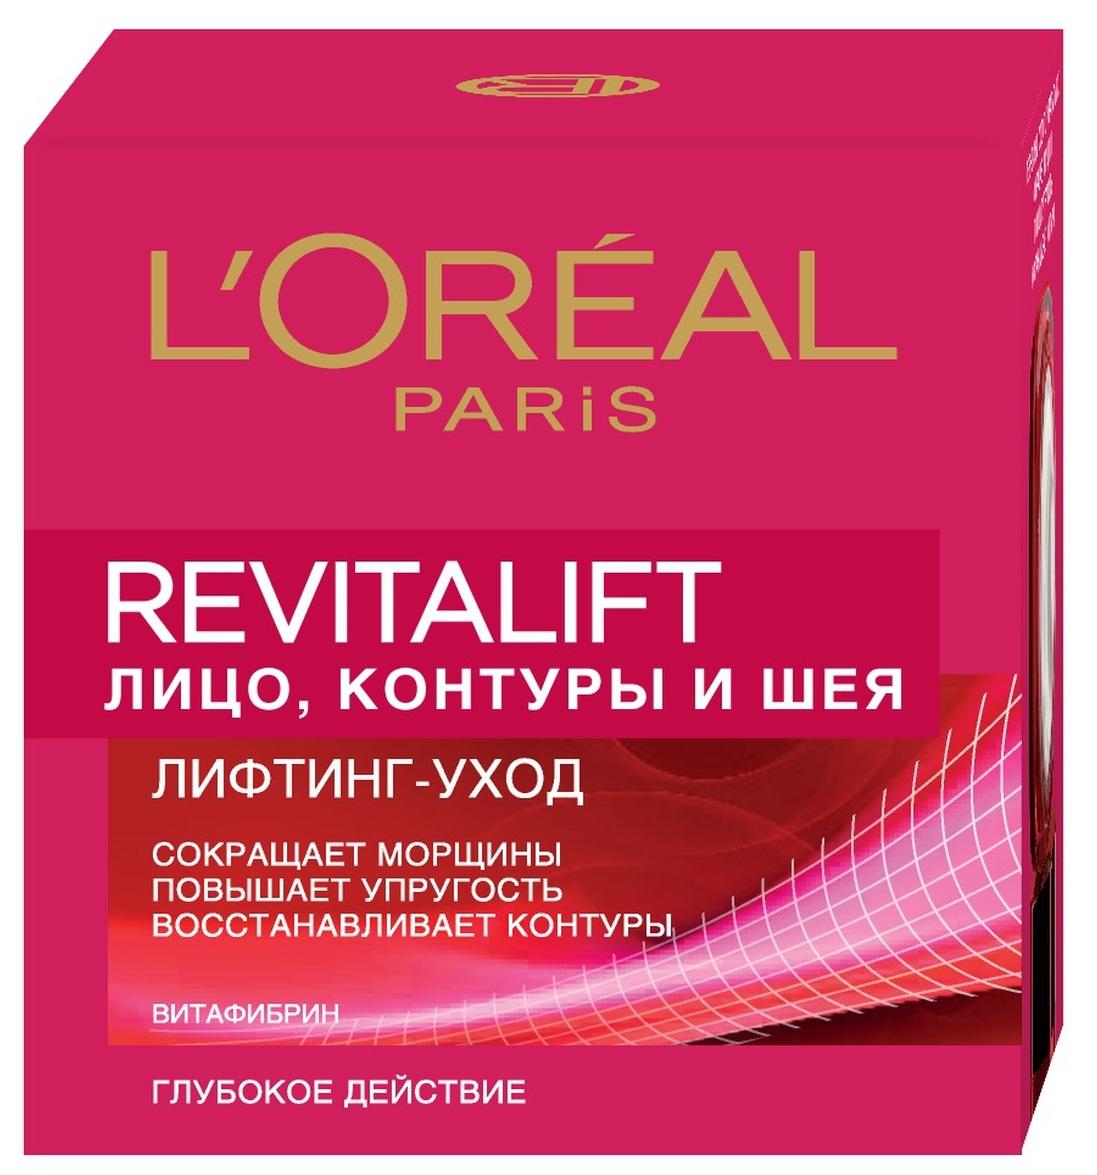 """L'Oreal Paris """"Revitalift"""" Антивозрастной крем против морщин для лица, контуров и шеи, 50 мл  #1"""